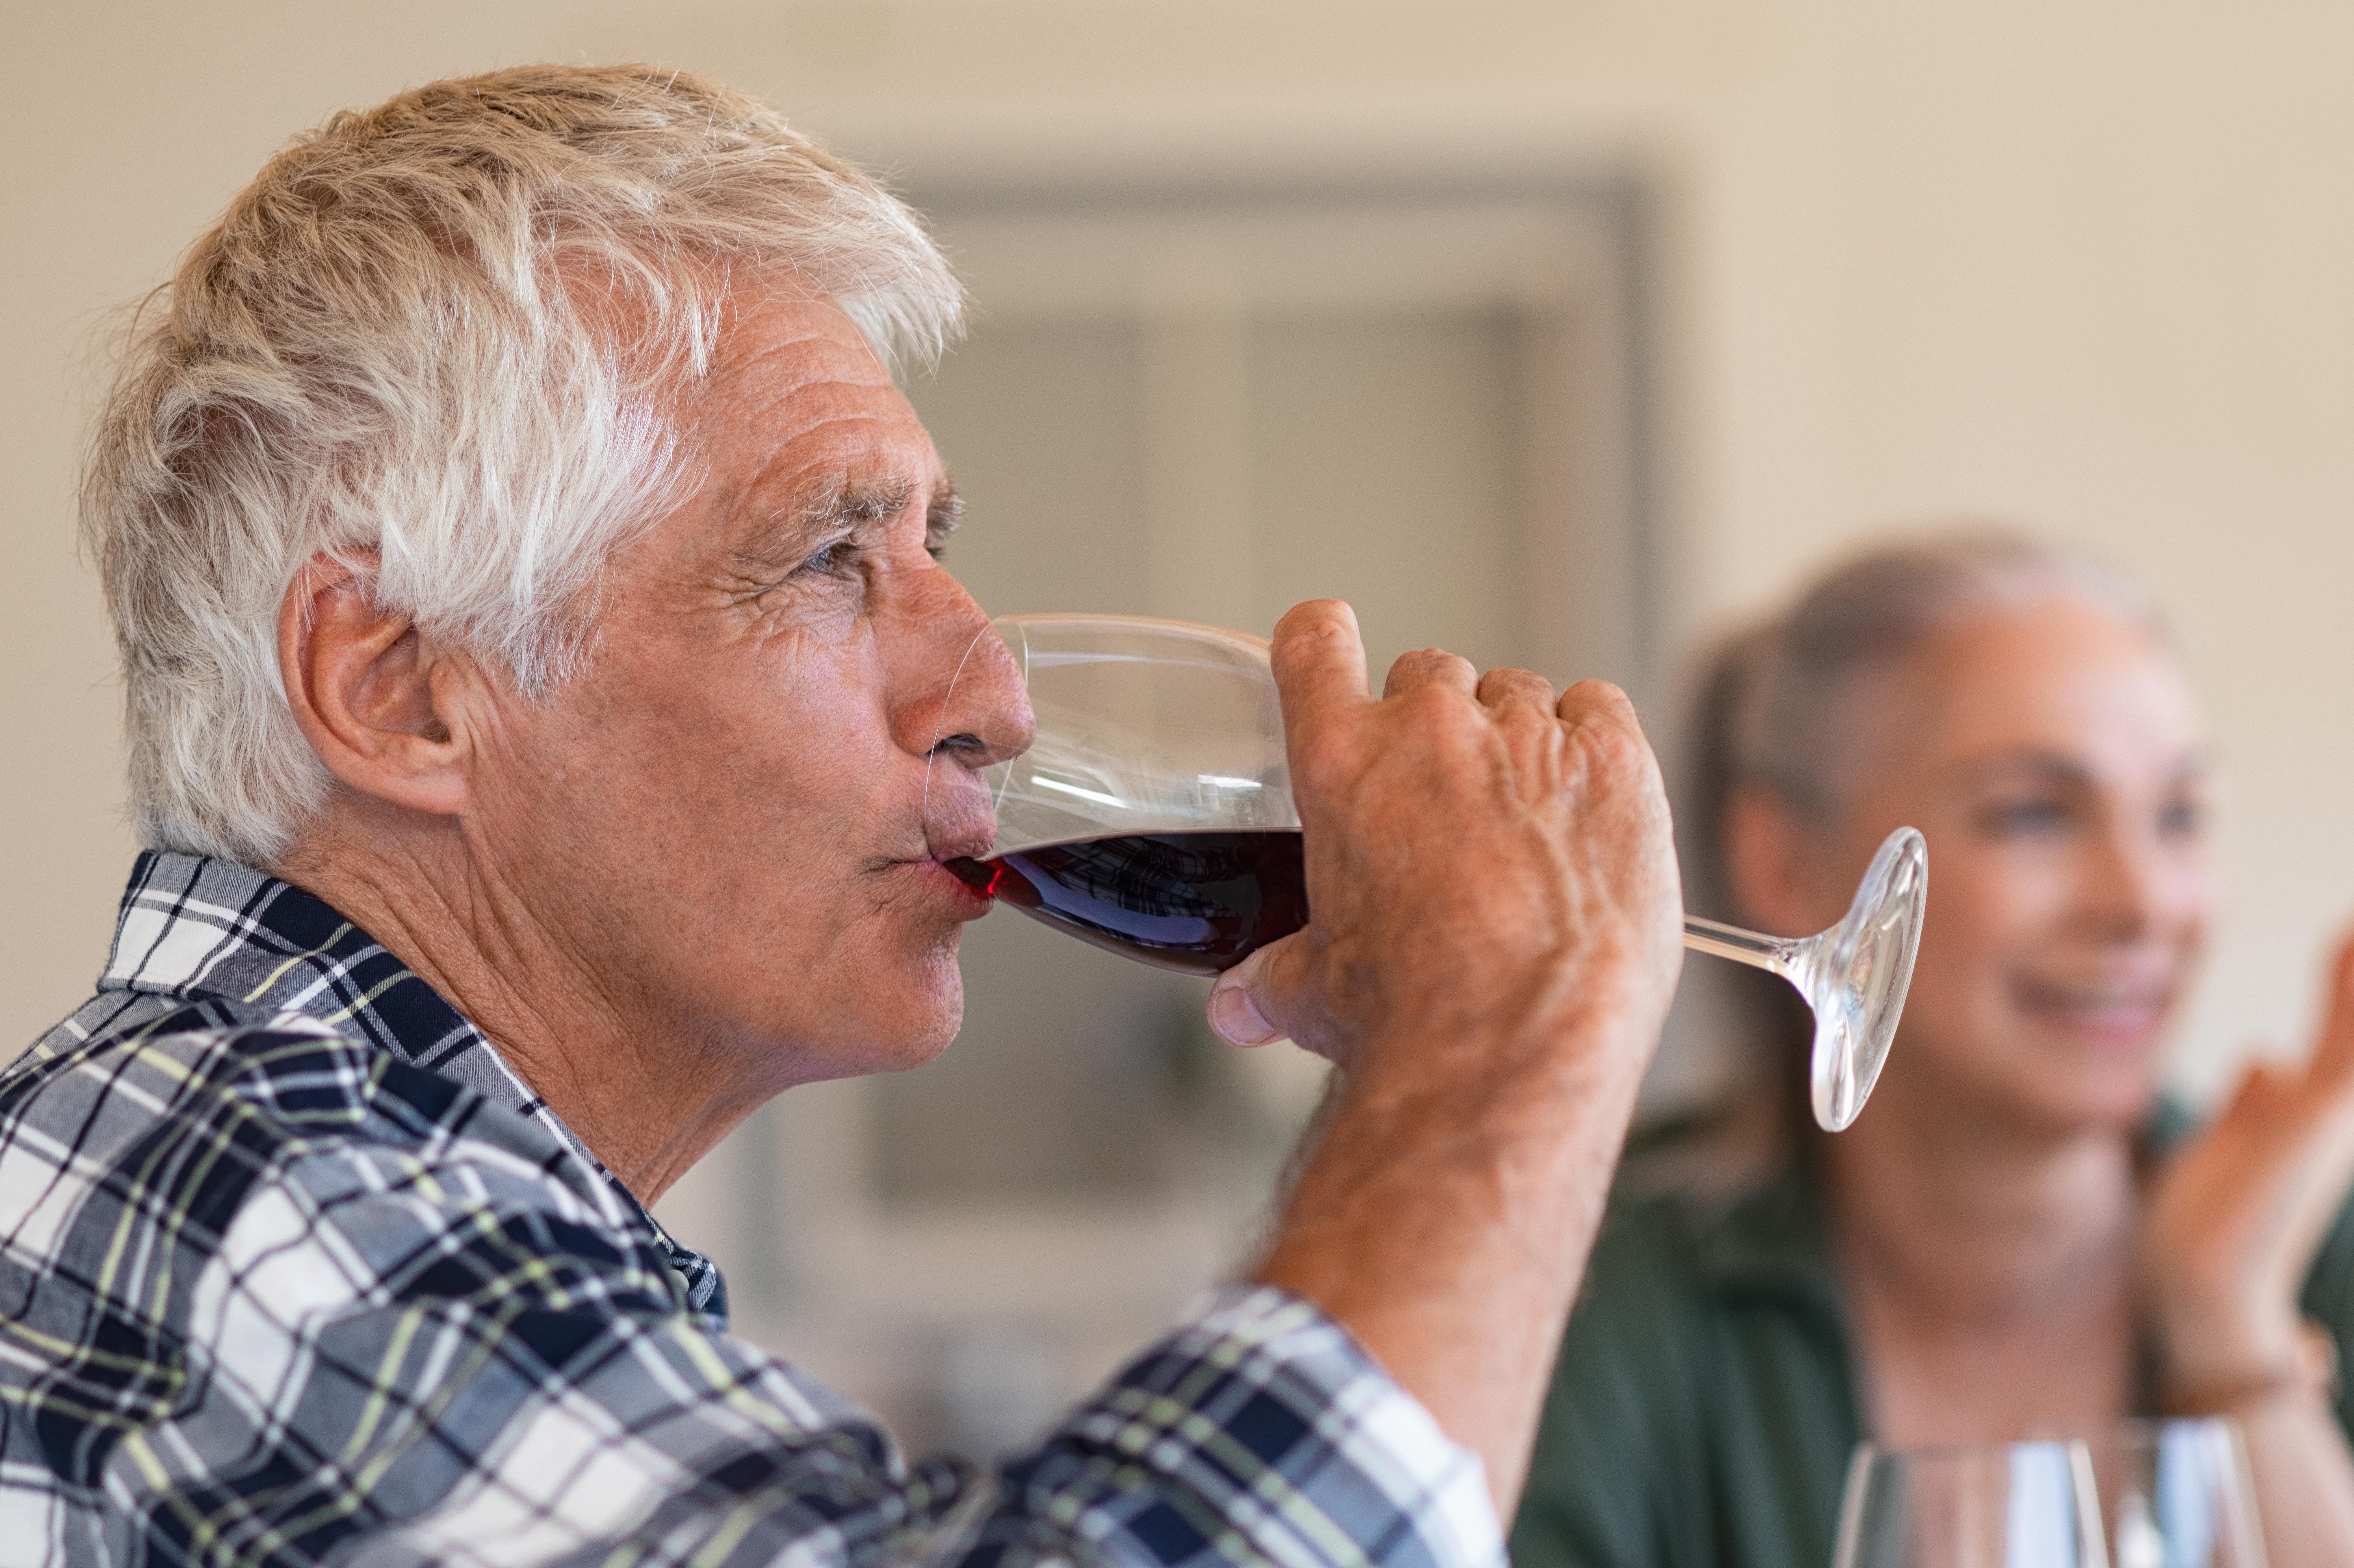 Hos äldre personer har alkoholkonsumtionen dock ökat och gruppen 65-85 år dricker i genomsnitt sex gånger per månad.